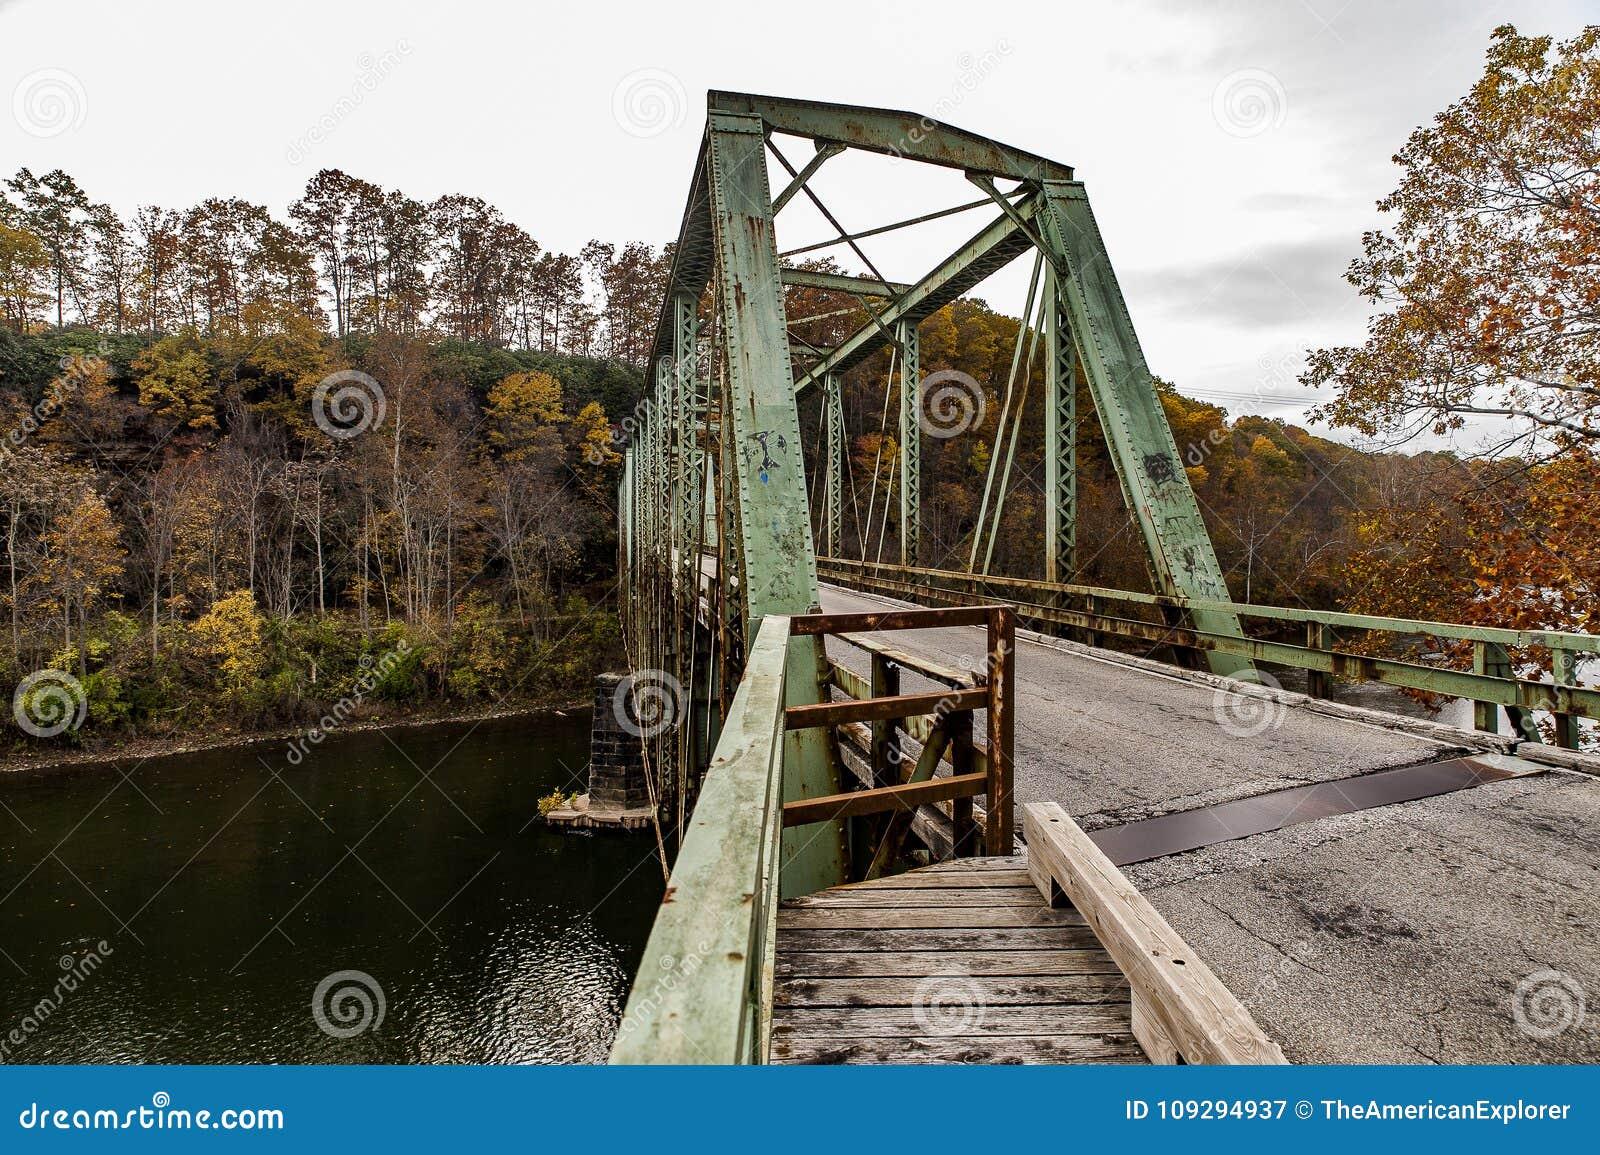 Puente de braguero verde histórico en otoño - Layton Bridge - el condado de Fayette, Pennsylvania